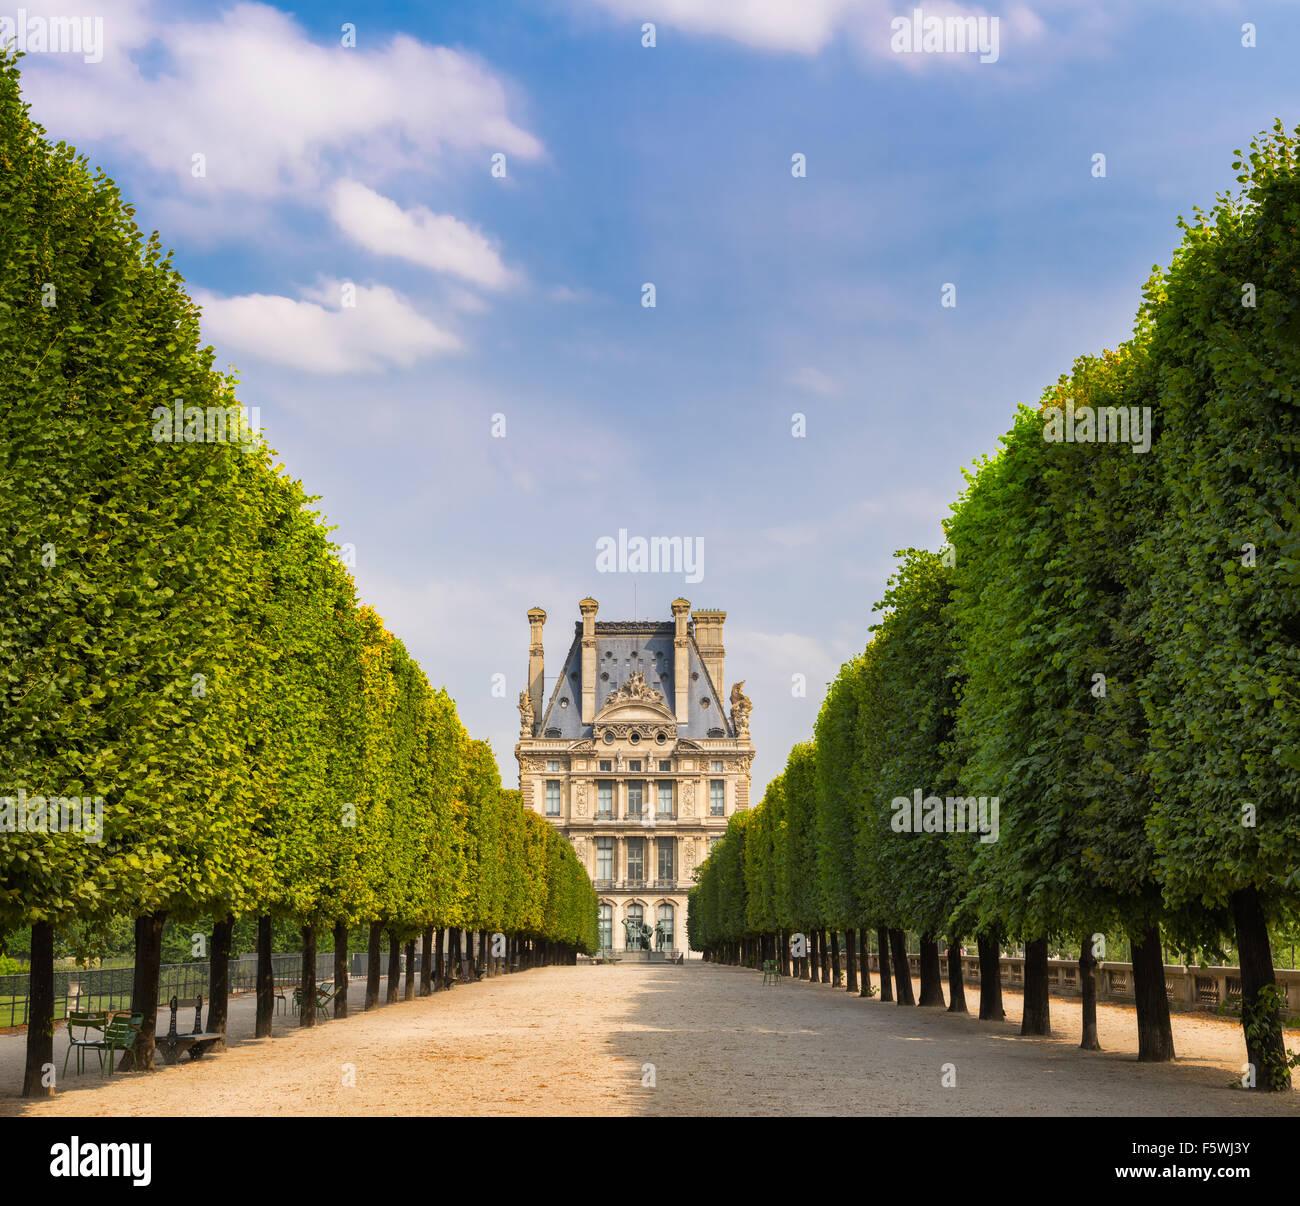 Tuilleries Garten Bäumen gesäumten Vista führt zu Louvre Museum. Sommer-Blick von der Terrasse du Bord de l ' Eau Stockfoto